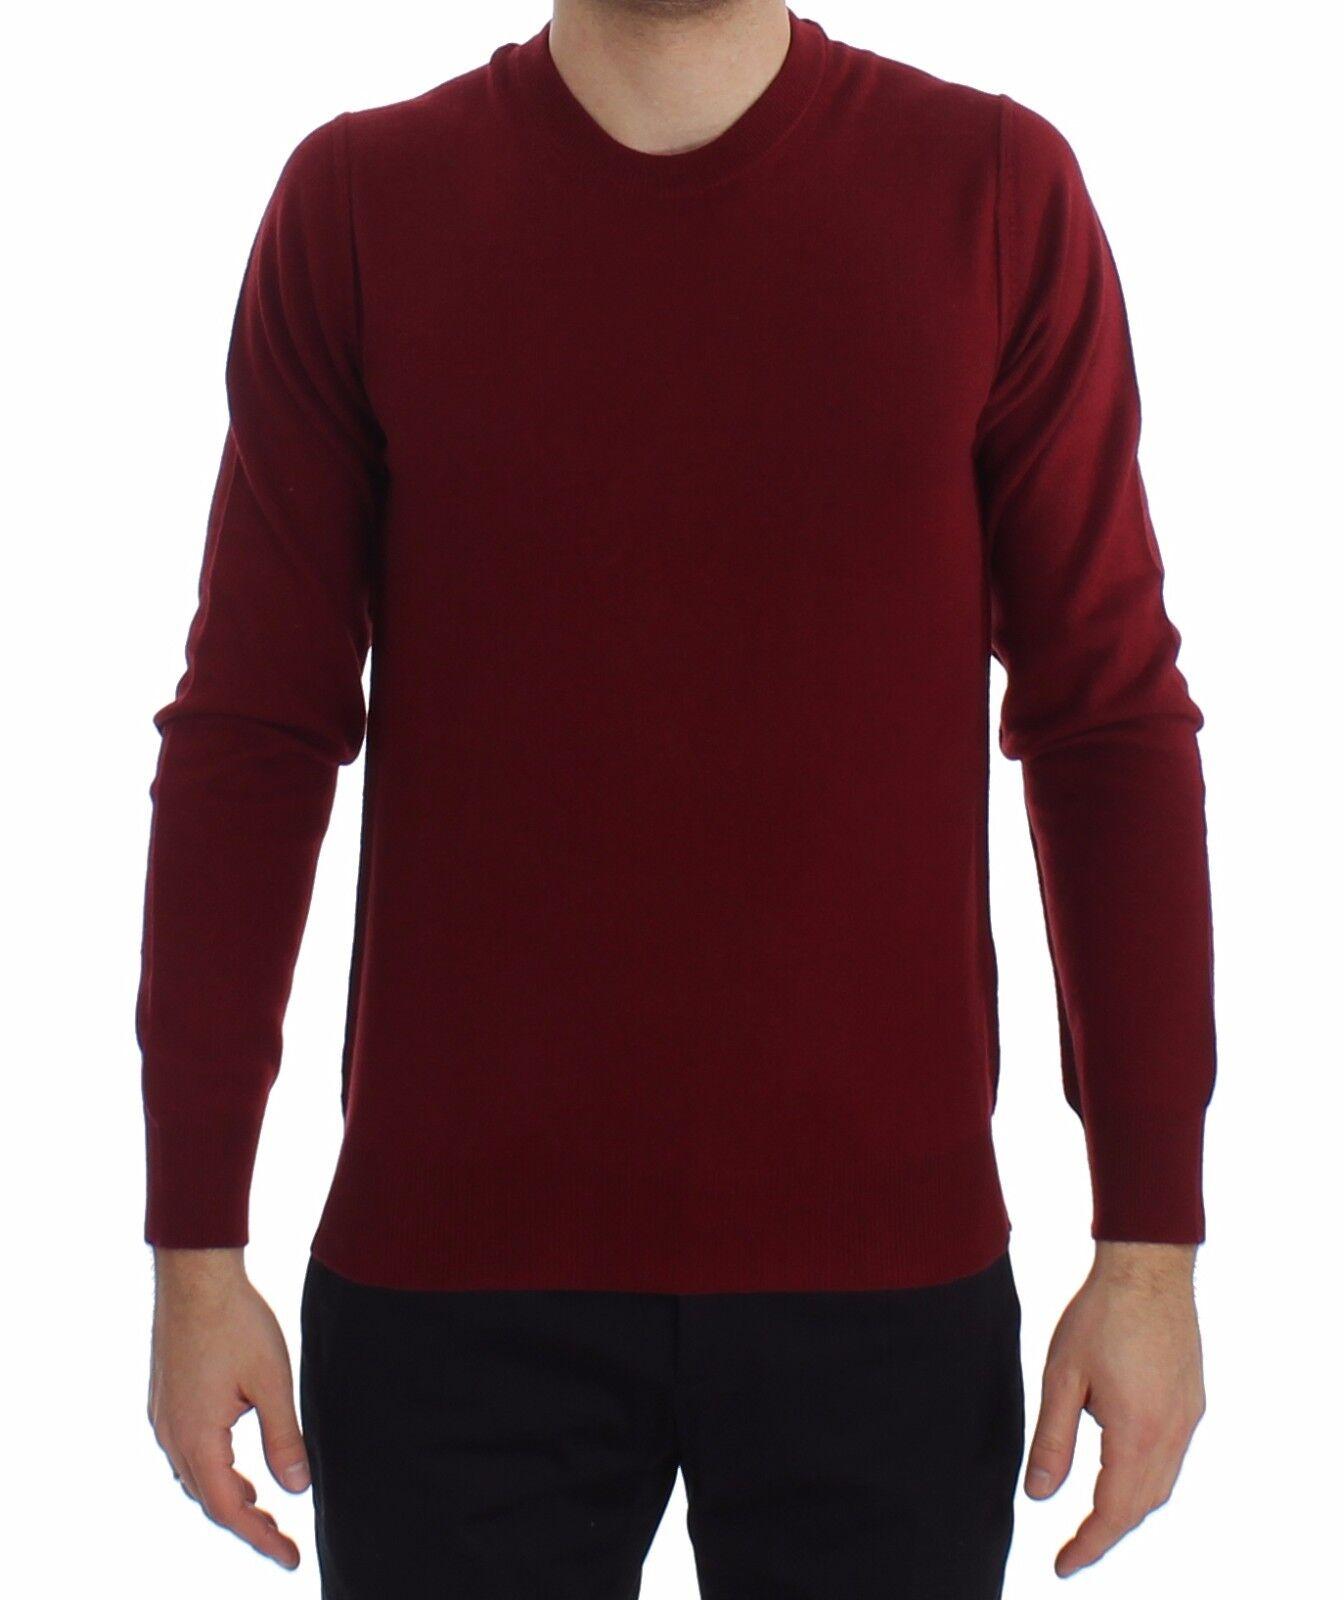 Nuevo Dolce & Gabbana Jersey Rojo Cachemira Cuello ROTondo Jersey IT52 / US42/L